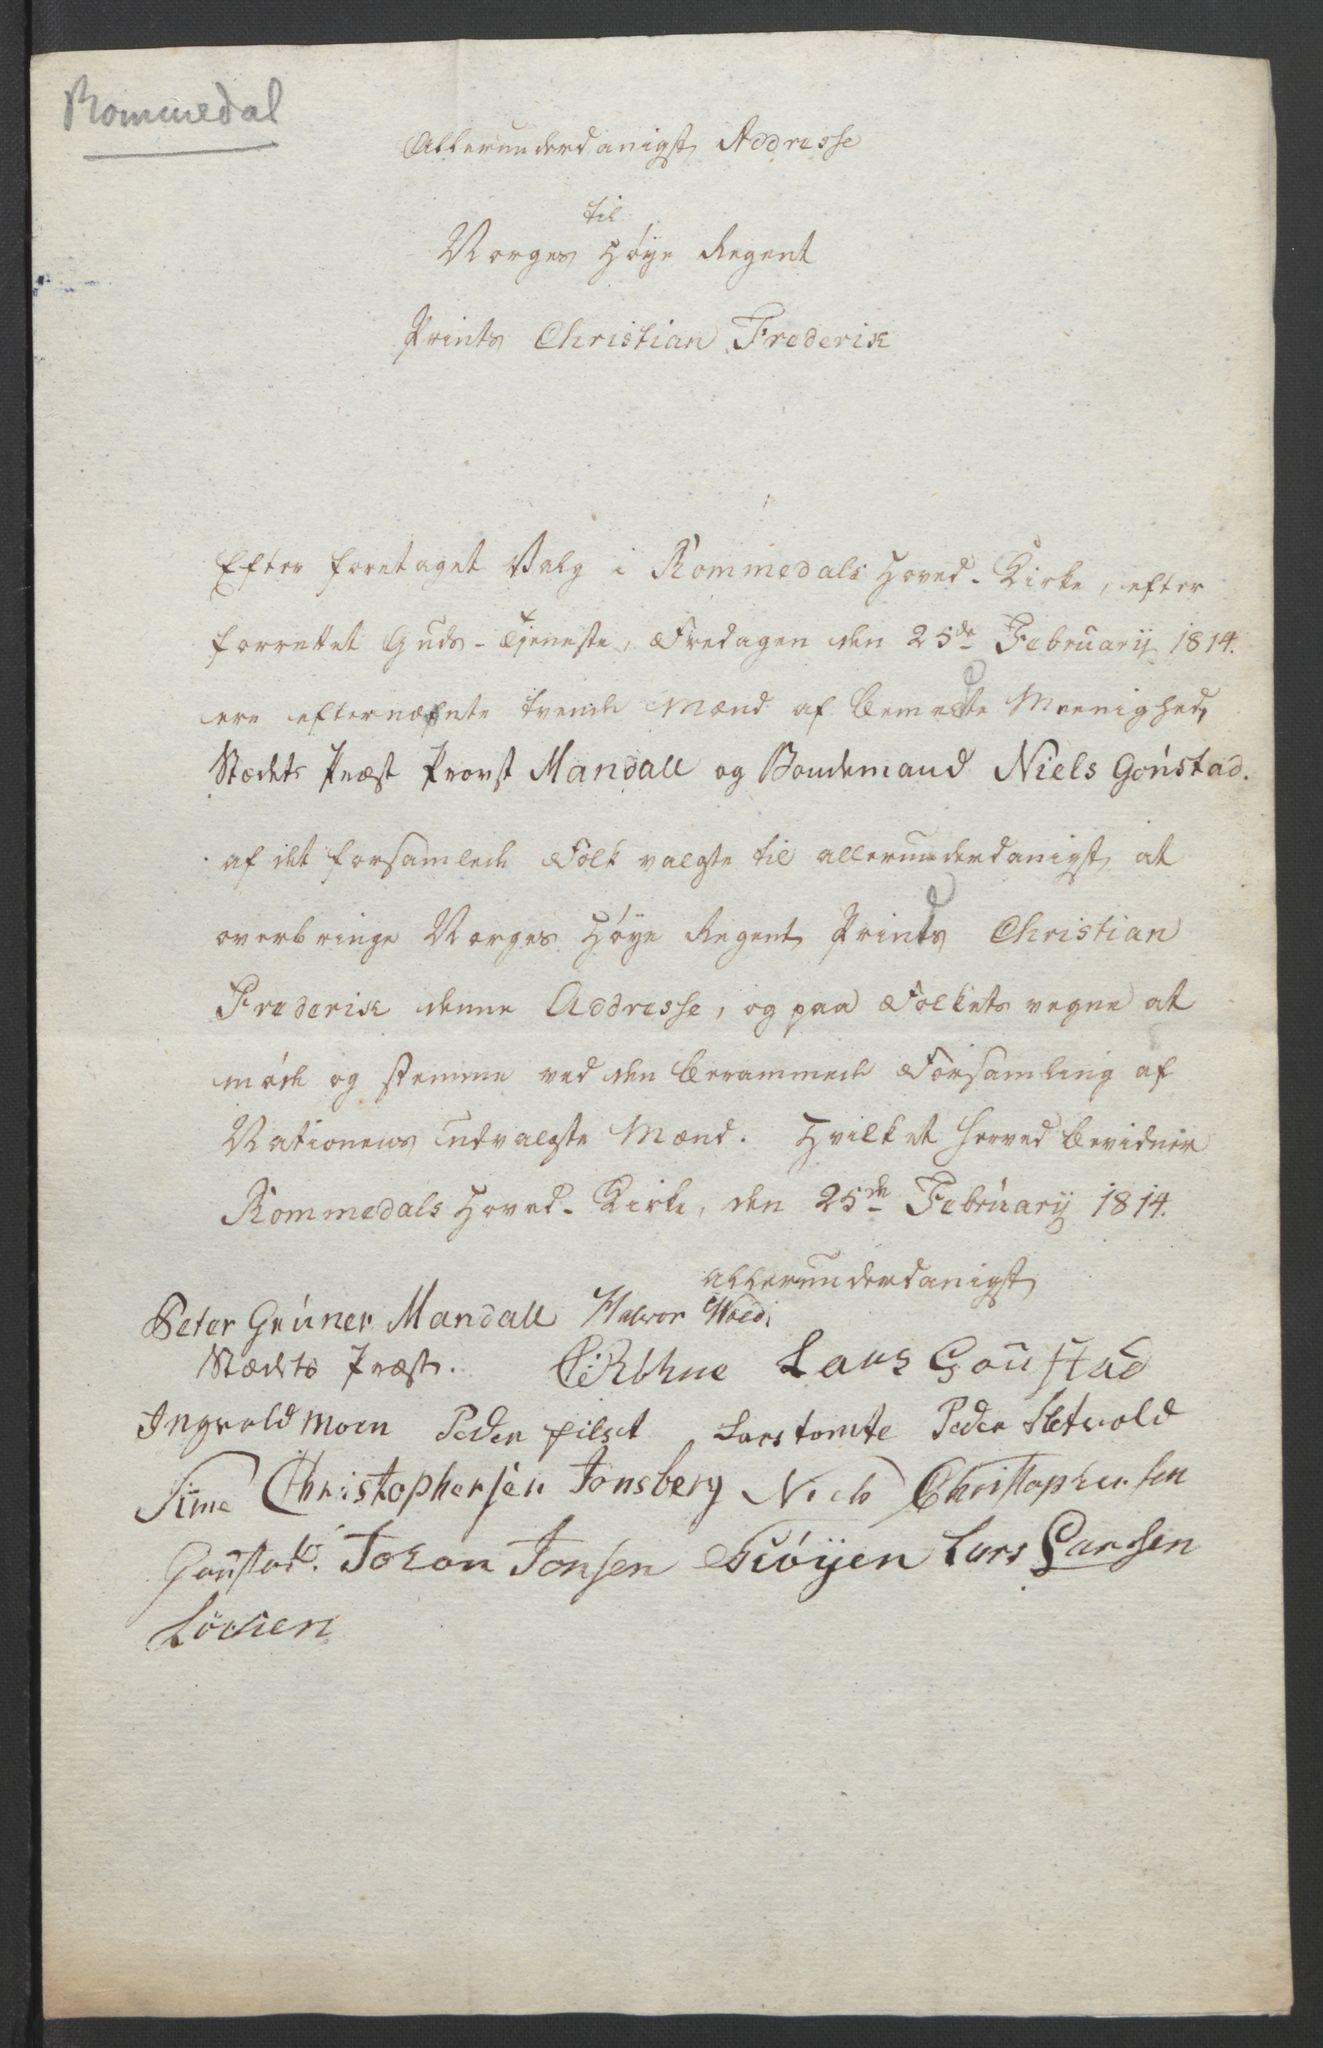 RA, Statsrådssekretariatet, D/Db/L0007: Fullmakter for Eidsvollsrepresentantene i 1814. , 1814, s. 237